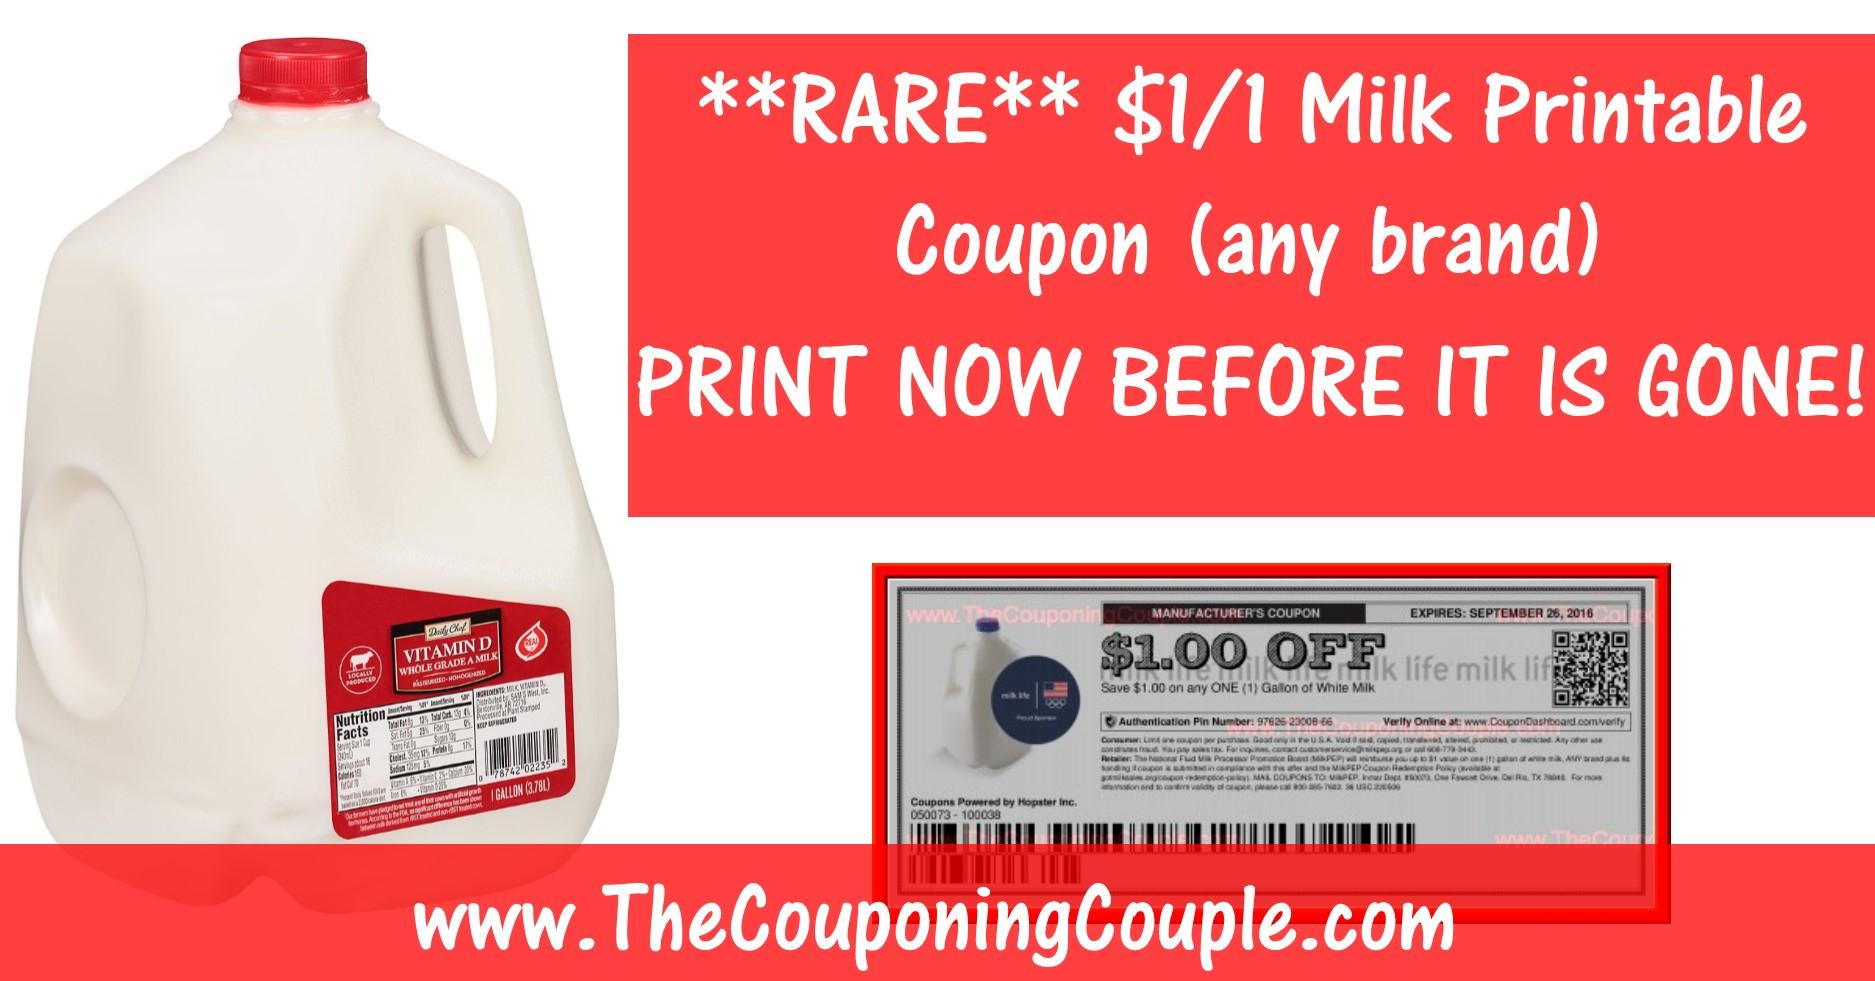 Rare Milk Printable Coupon ~ Save $1.00/1 Gallon Any Brand! - Free Milk Coupons Printable